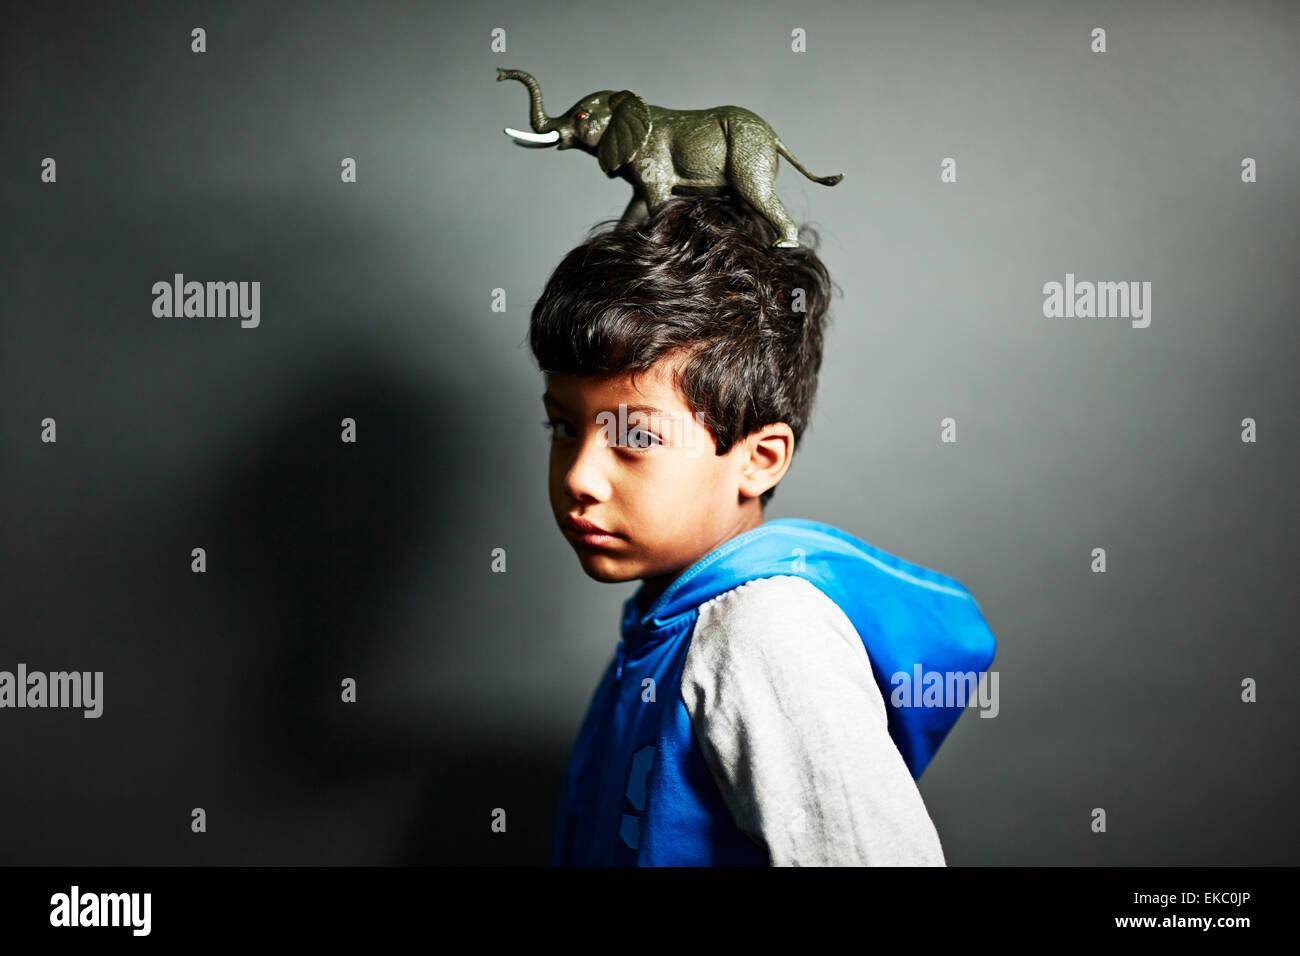 Garçon avec ornement de l'éléphant au milieu de la tête Photo Stock